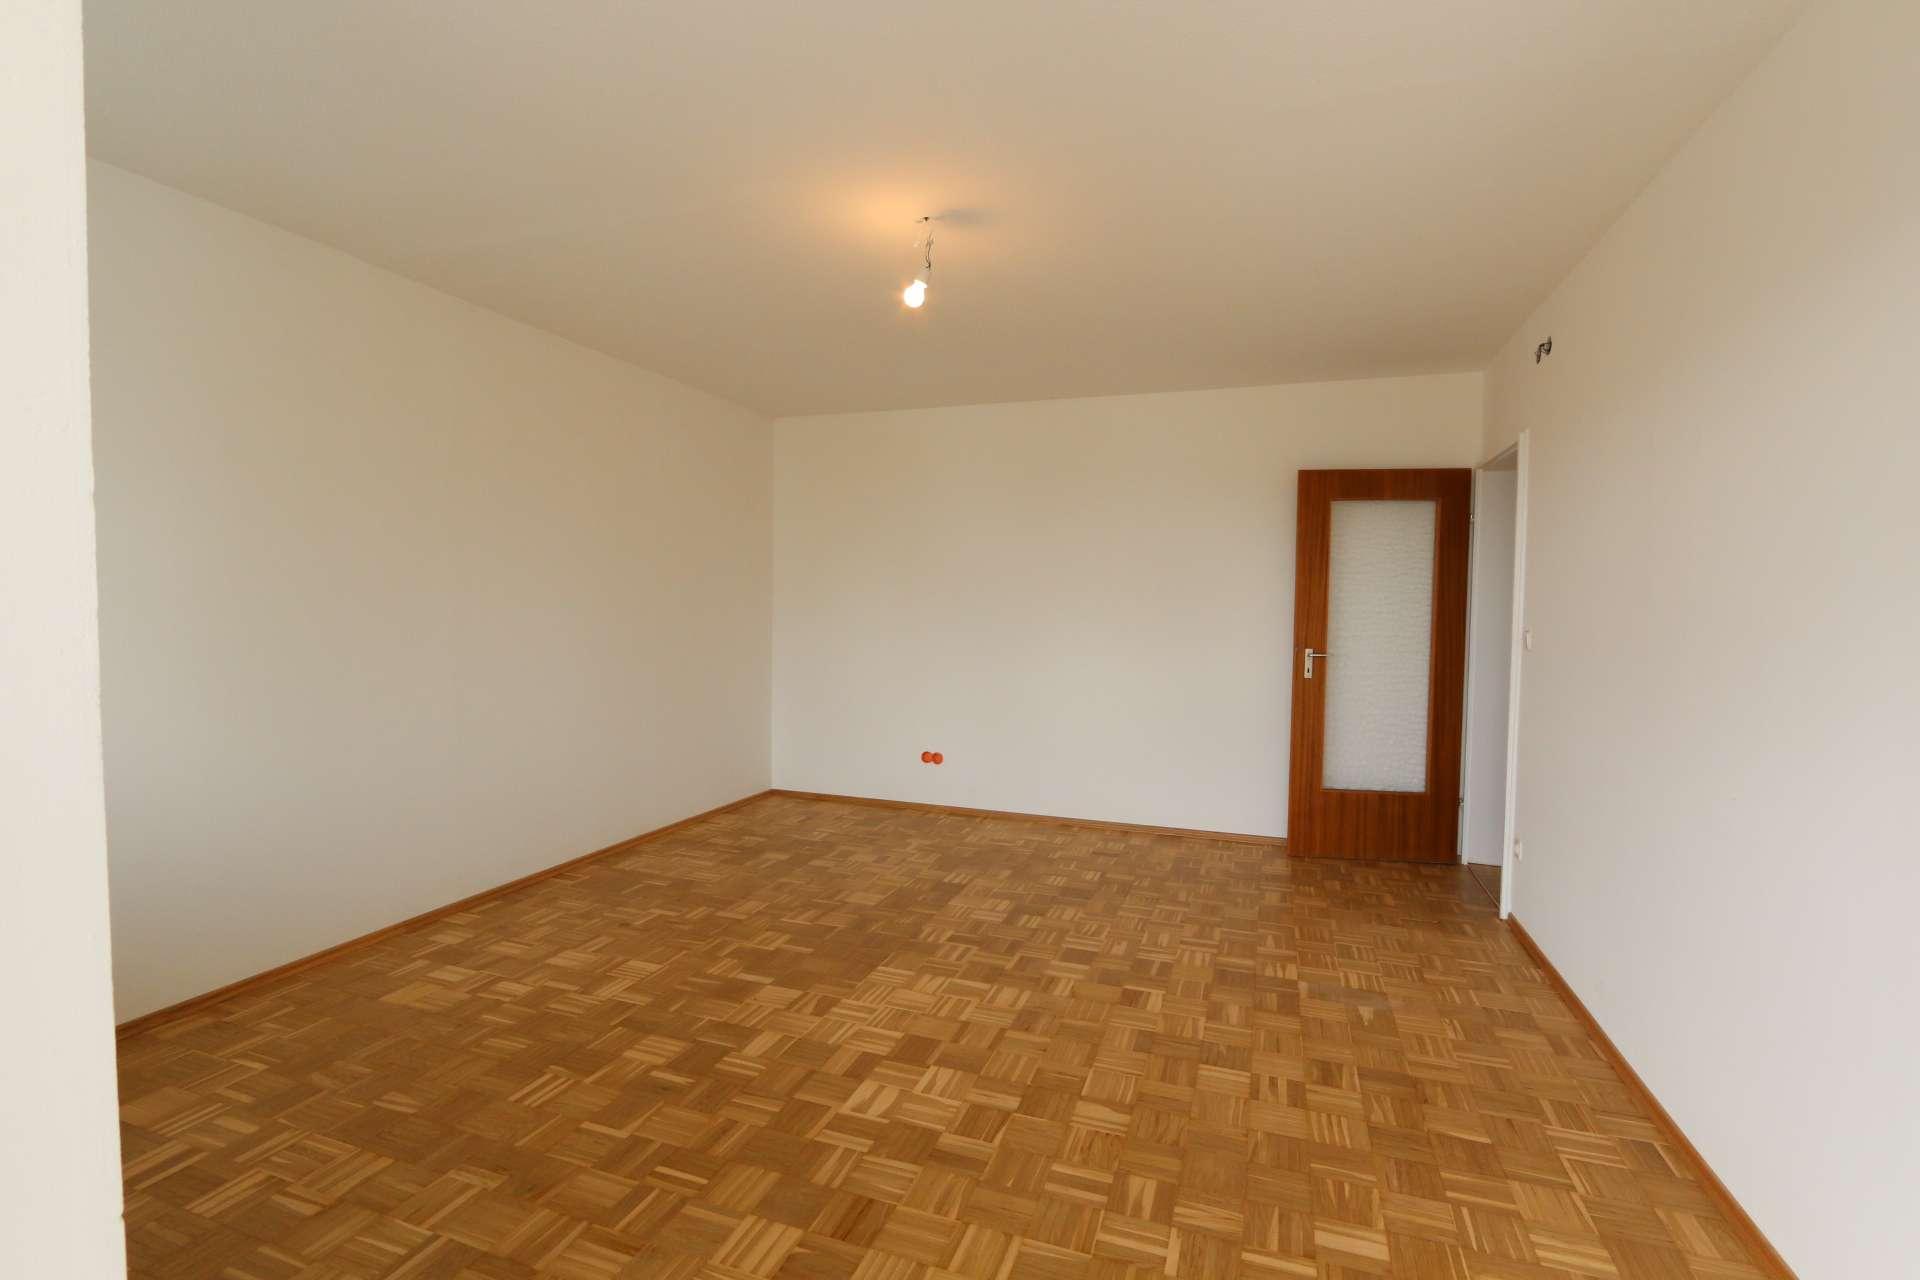 Helle renovierte 2-Zimmer-Wohnung in Reinhausen (Regensburg)